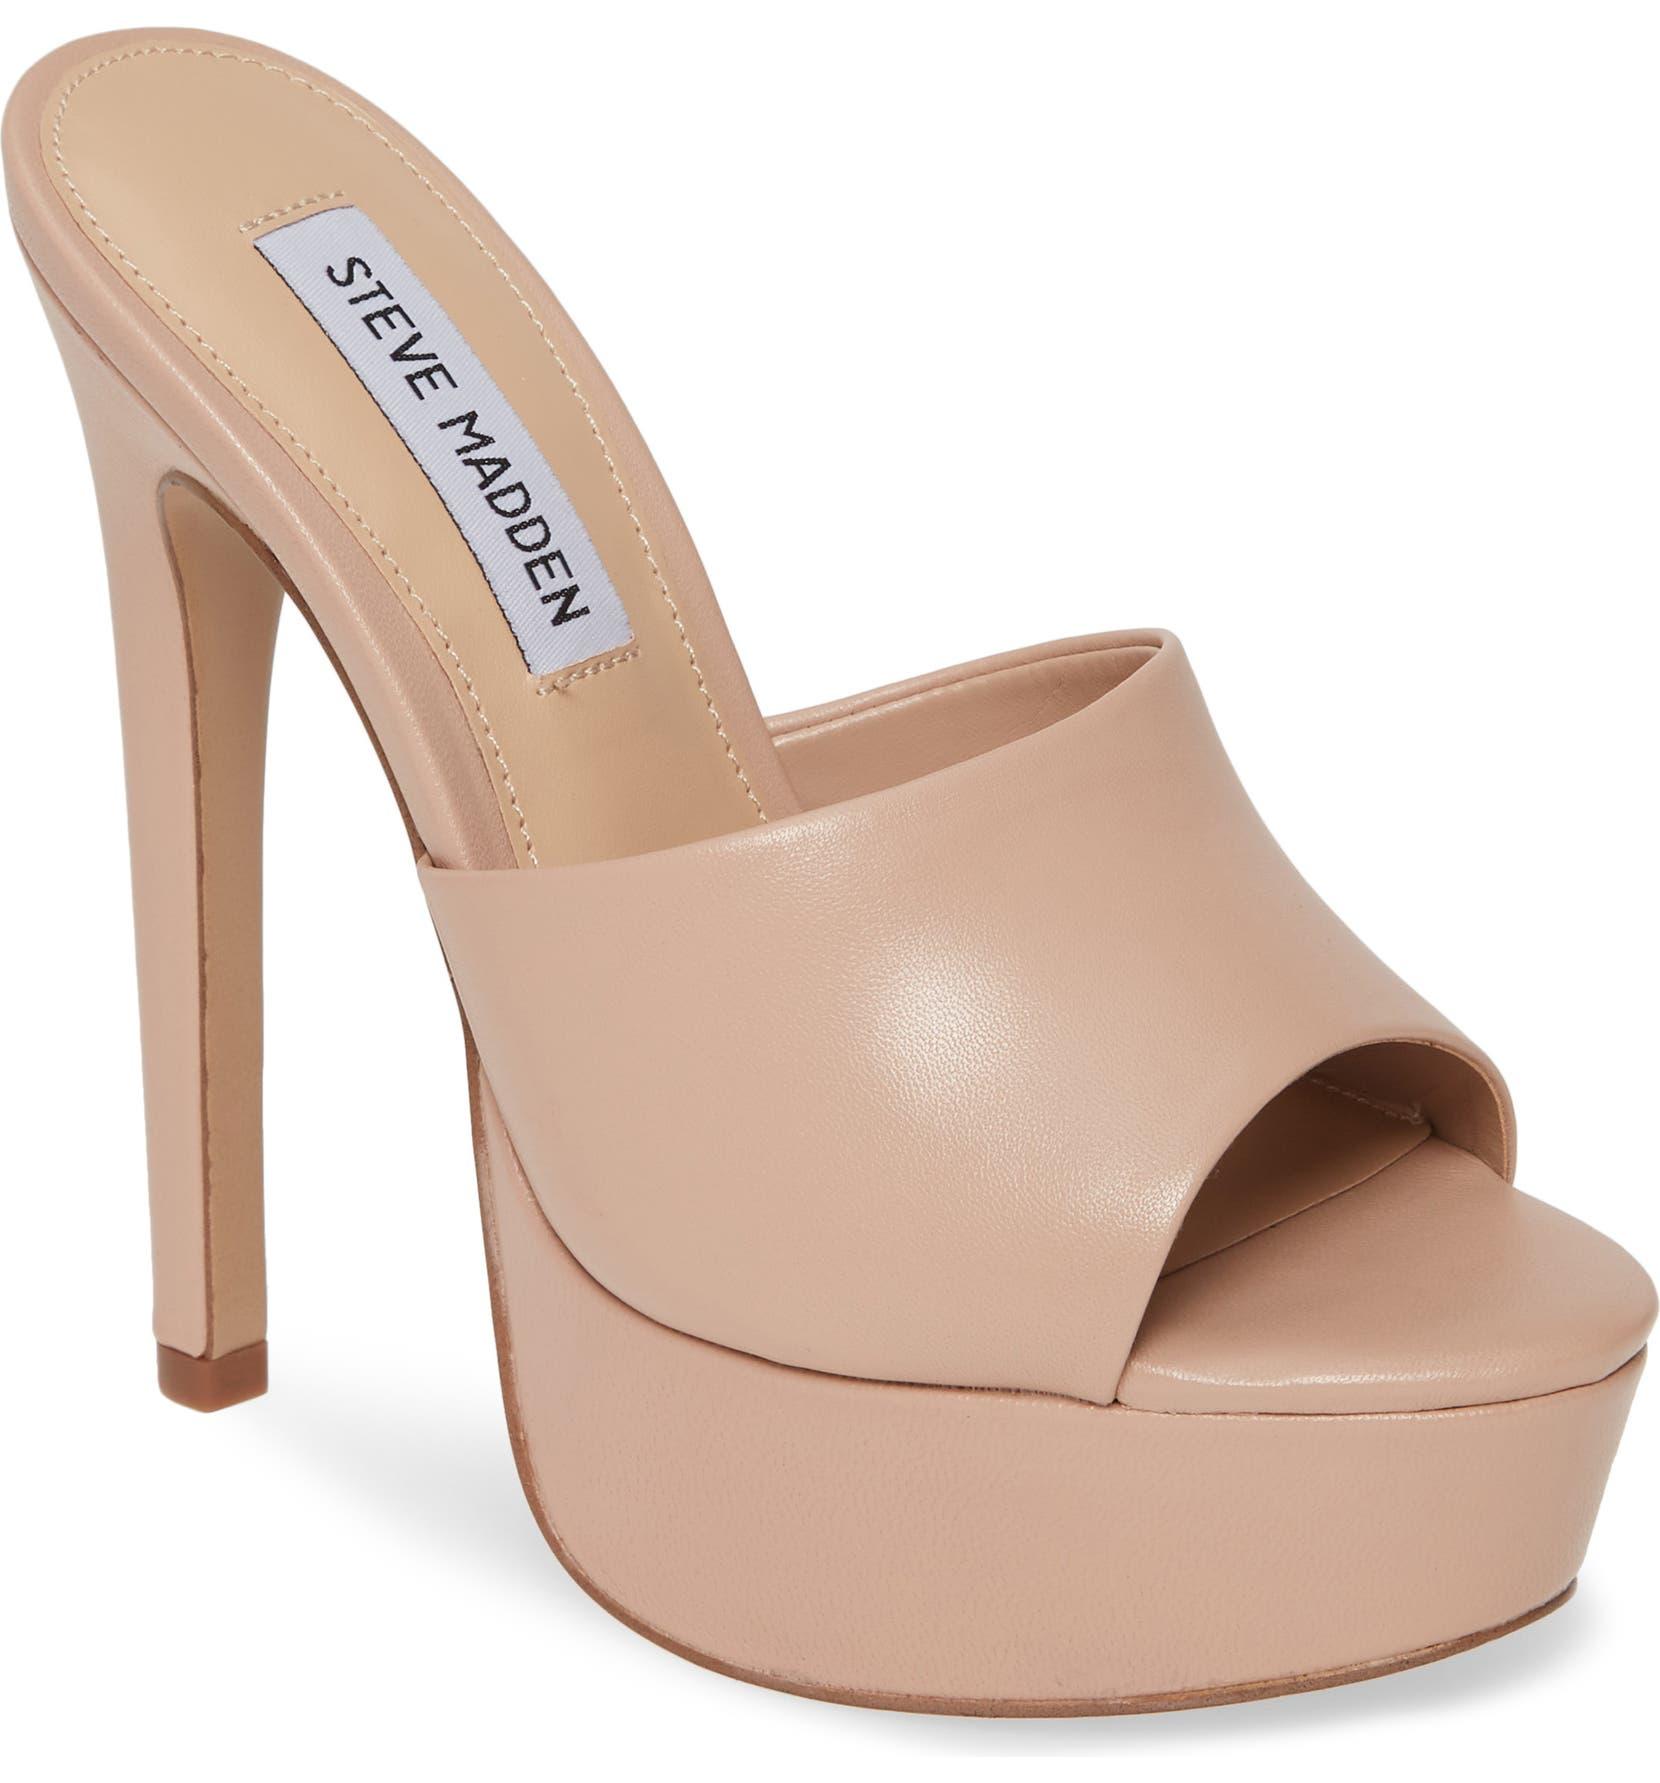 37de0fa8823 Steve Madden Identity Platform Slide Sandal (Women) | Nordstrom